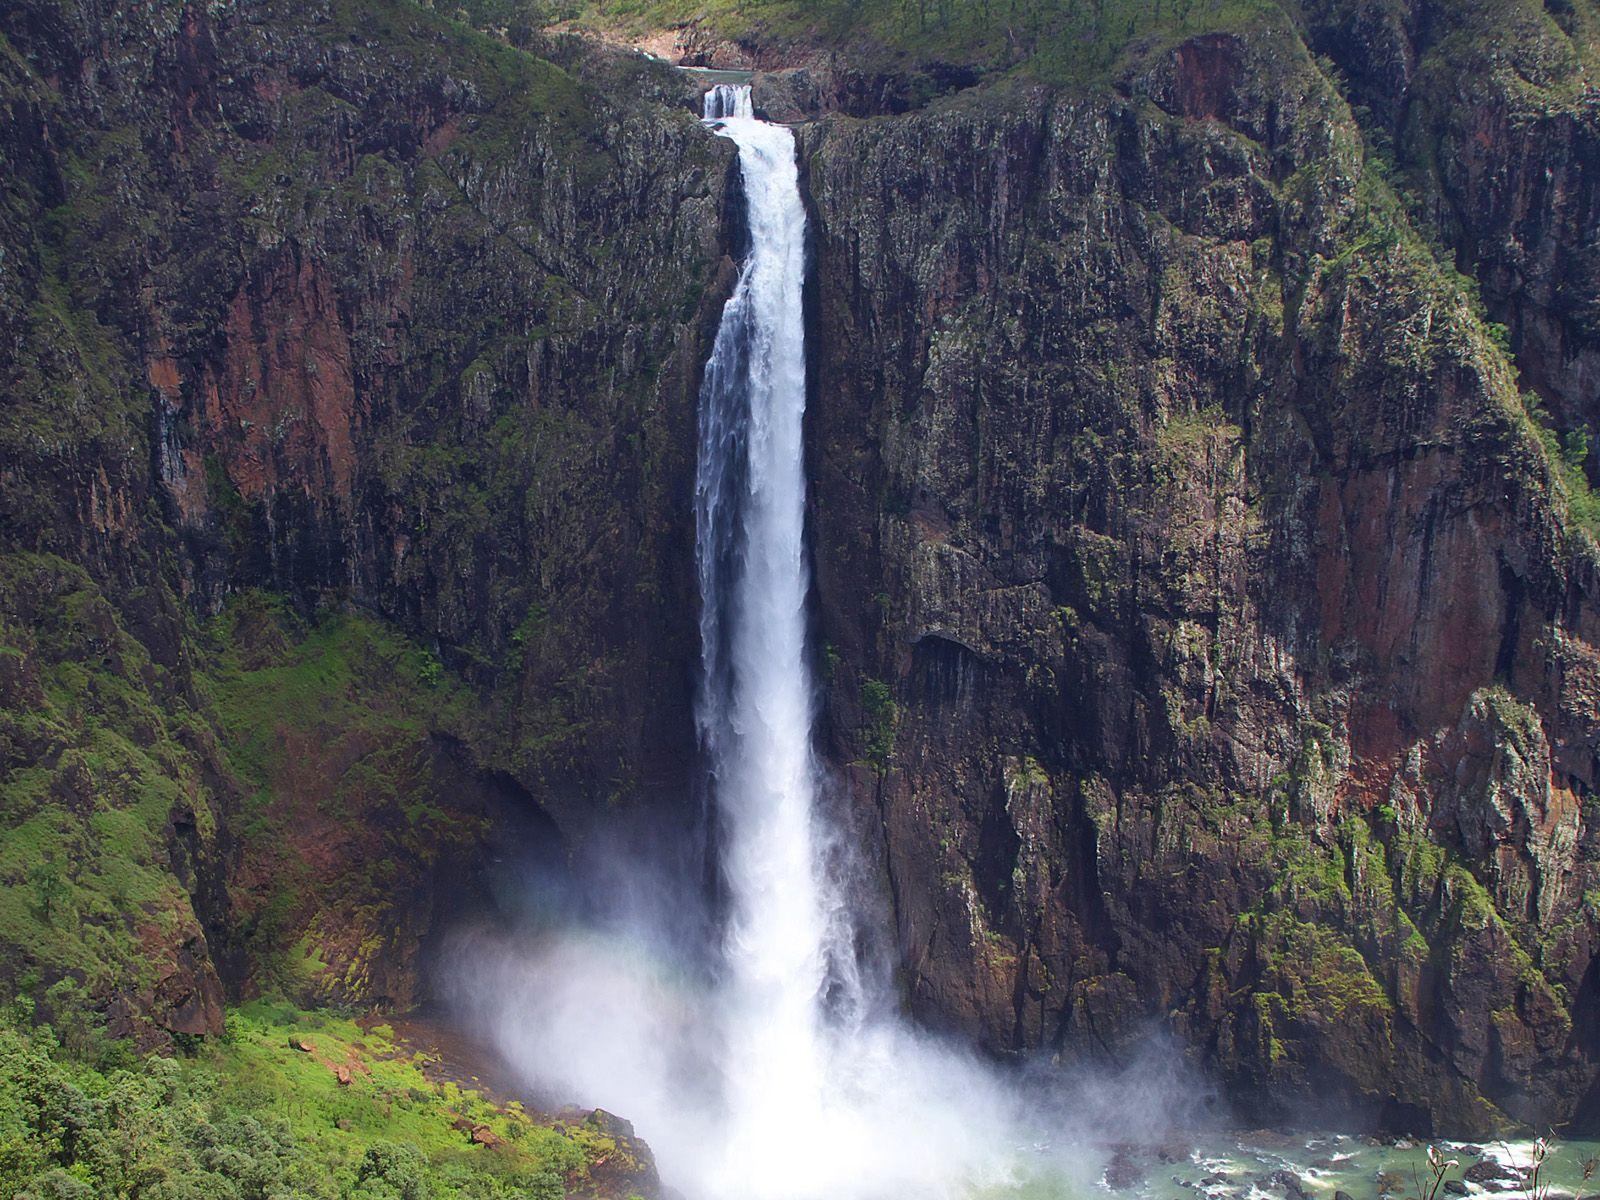 Струя водопада Уолламан